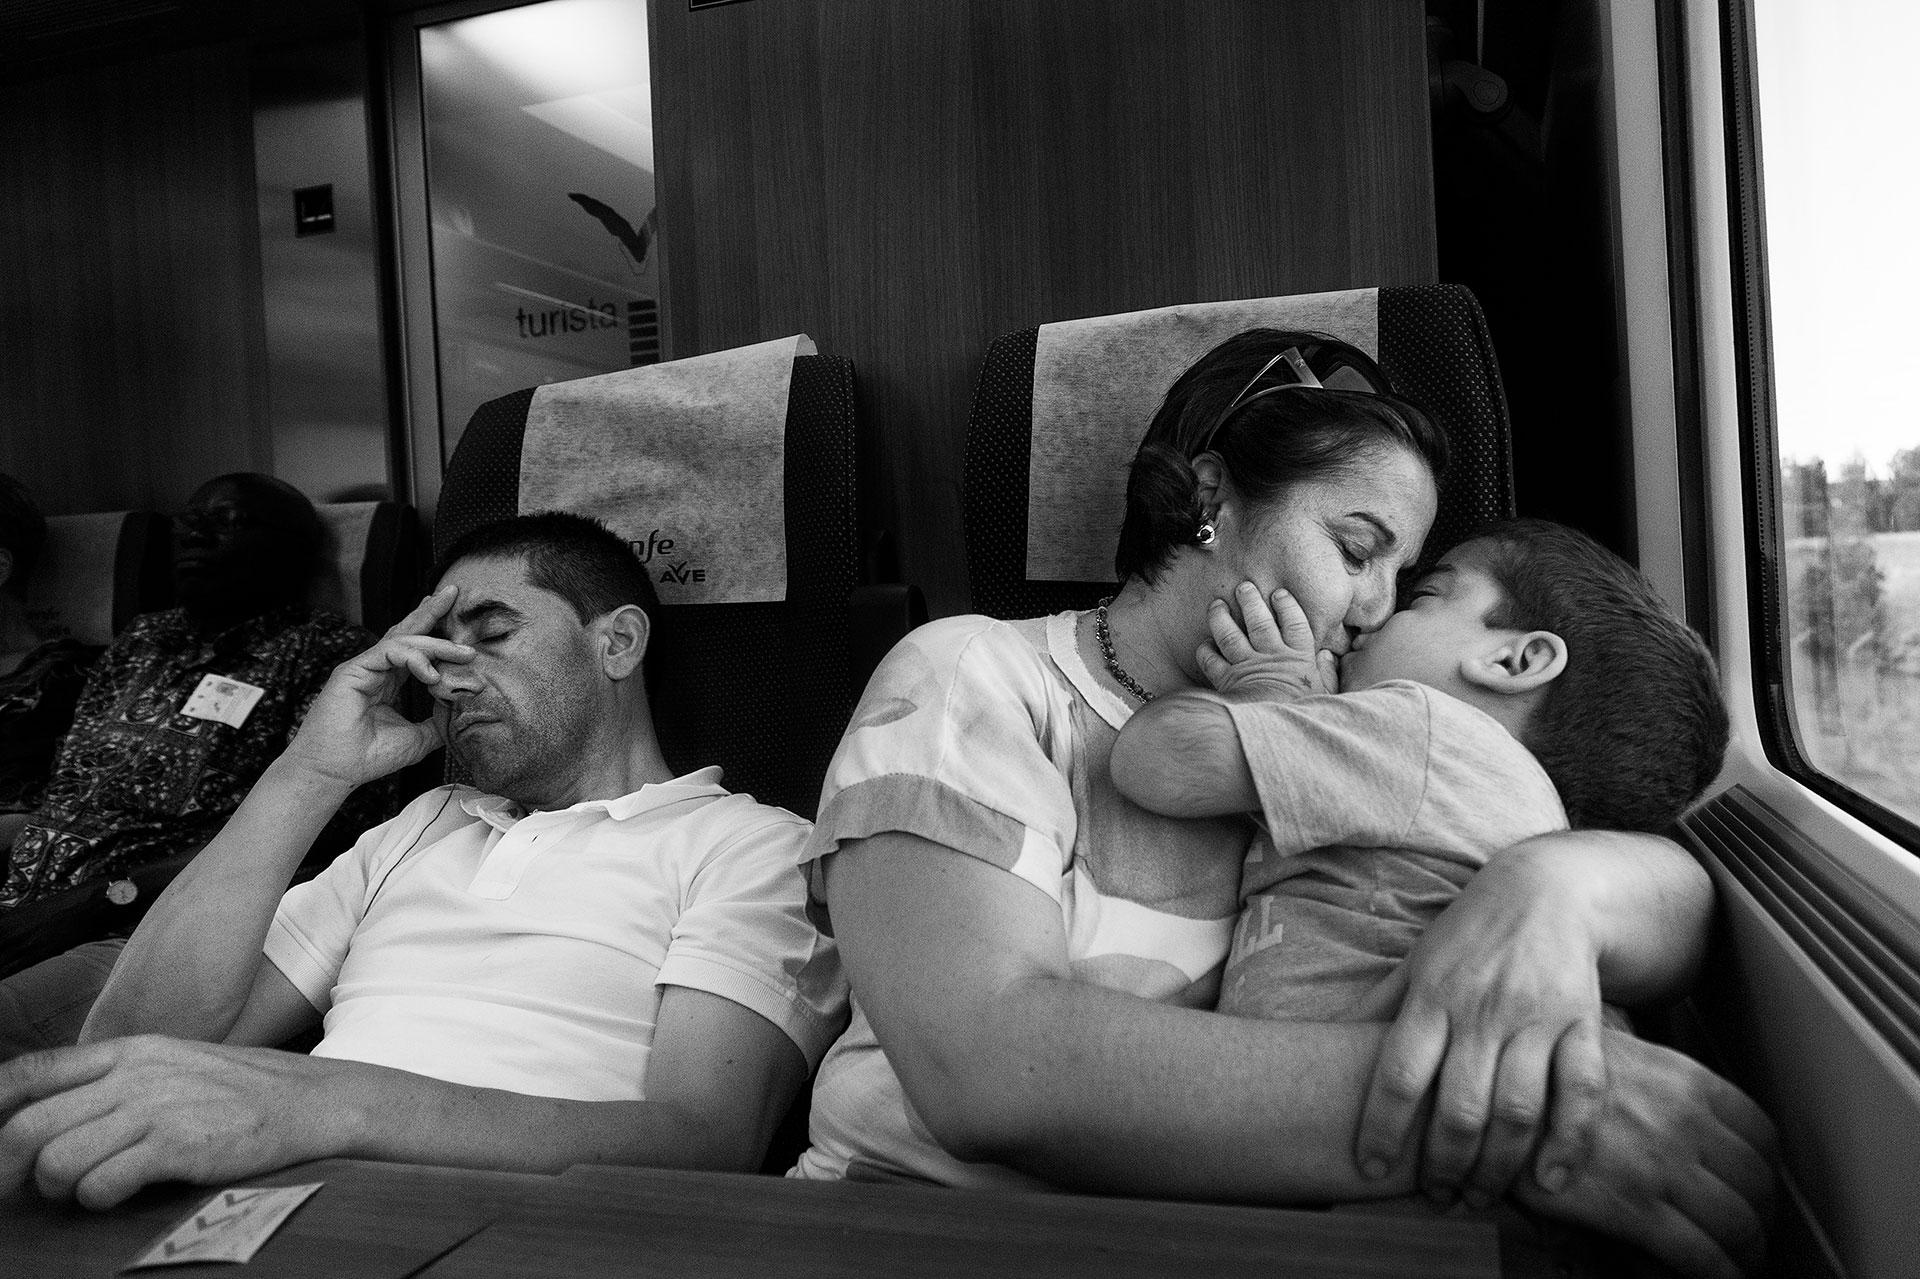 La familia vuelve en tren a Toledo. Varias veces al año tienen que desplazarse al Hospital Virgen del Rocío en Sevilla para realizar las revisiones del trasplante de médula de Nacho. Ida y vuelta en el mismo día.